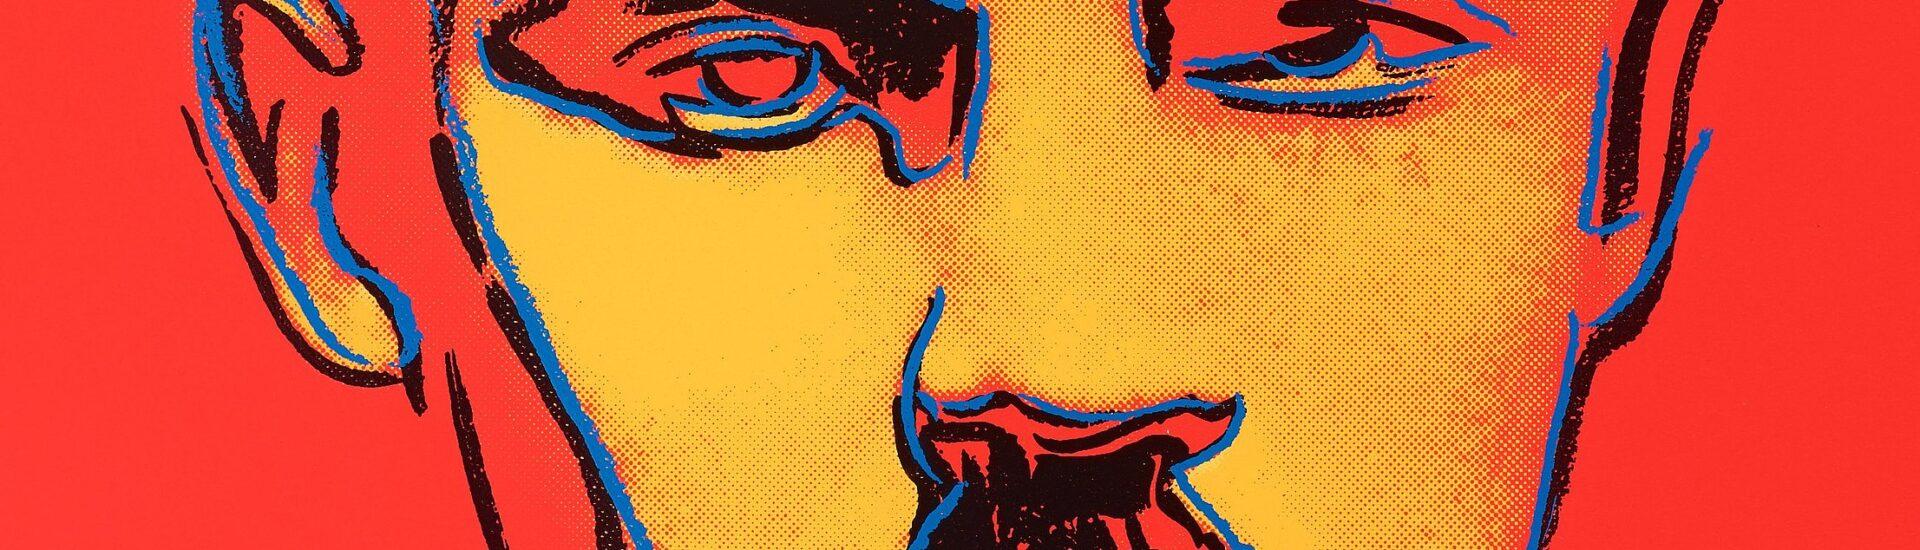 Ο Λένιν σήμερα -ή- Πώς μια καταστροφή μεταμορφώνεται σε θρίαμβο